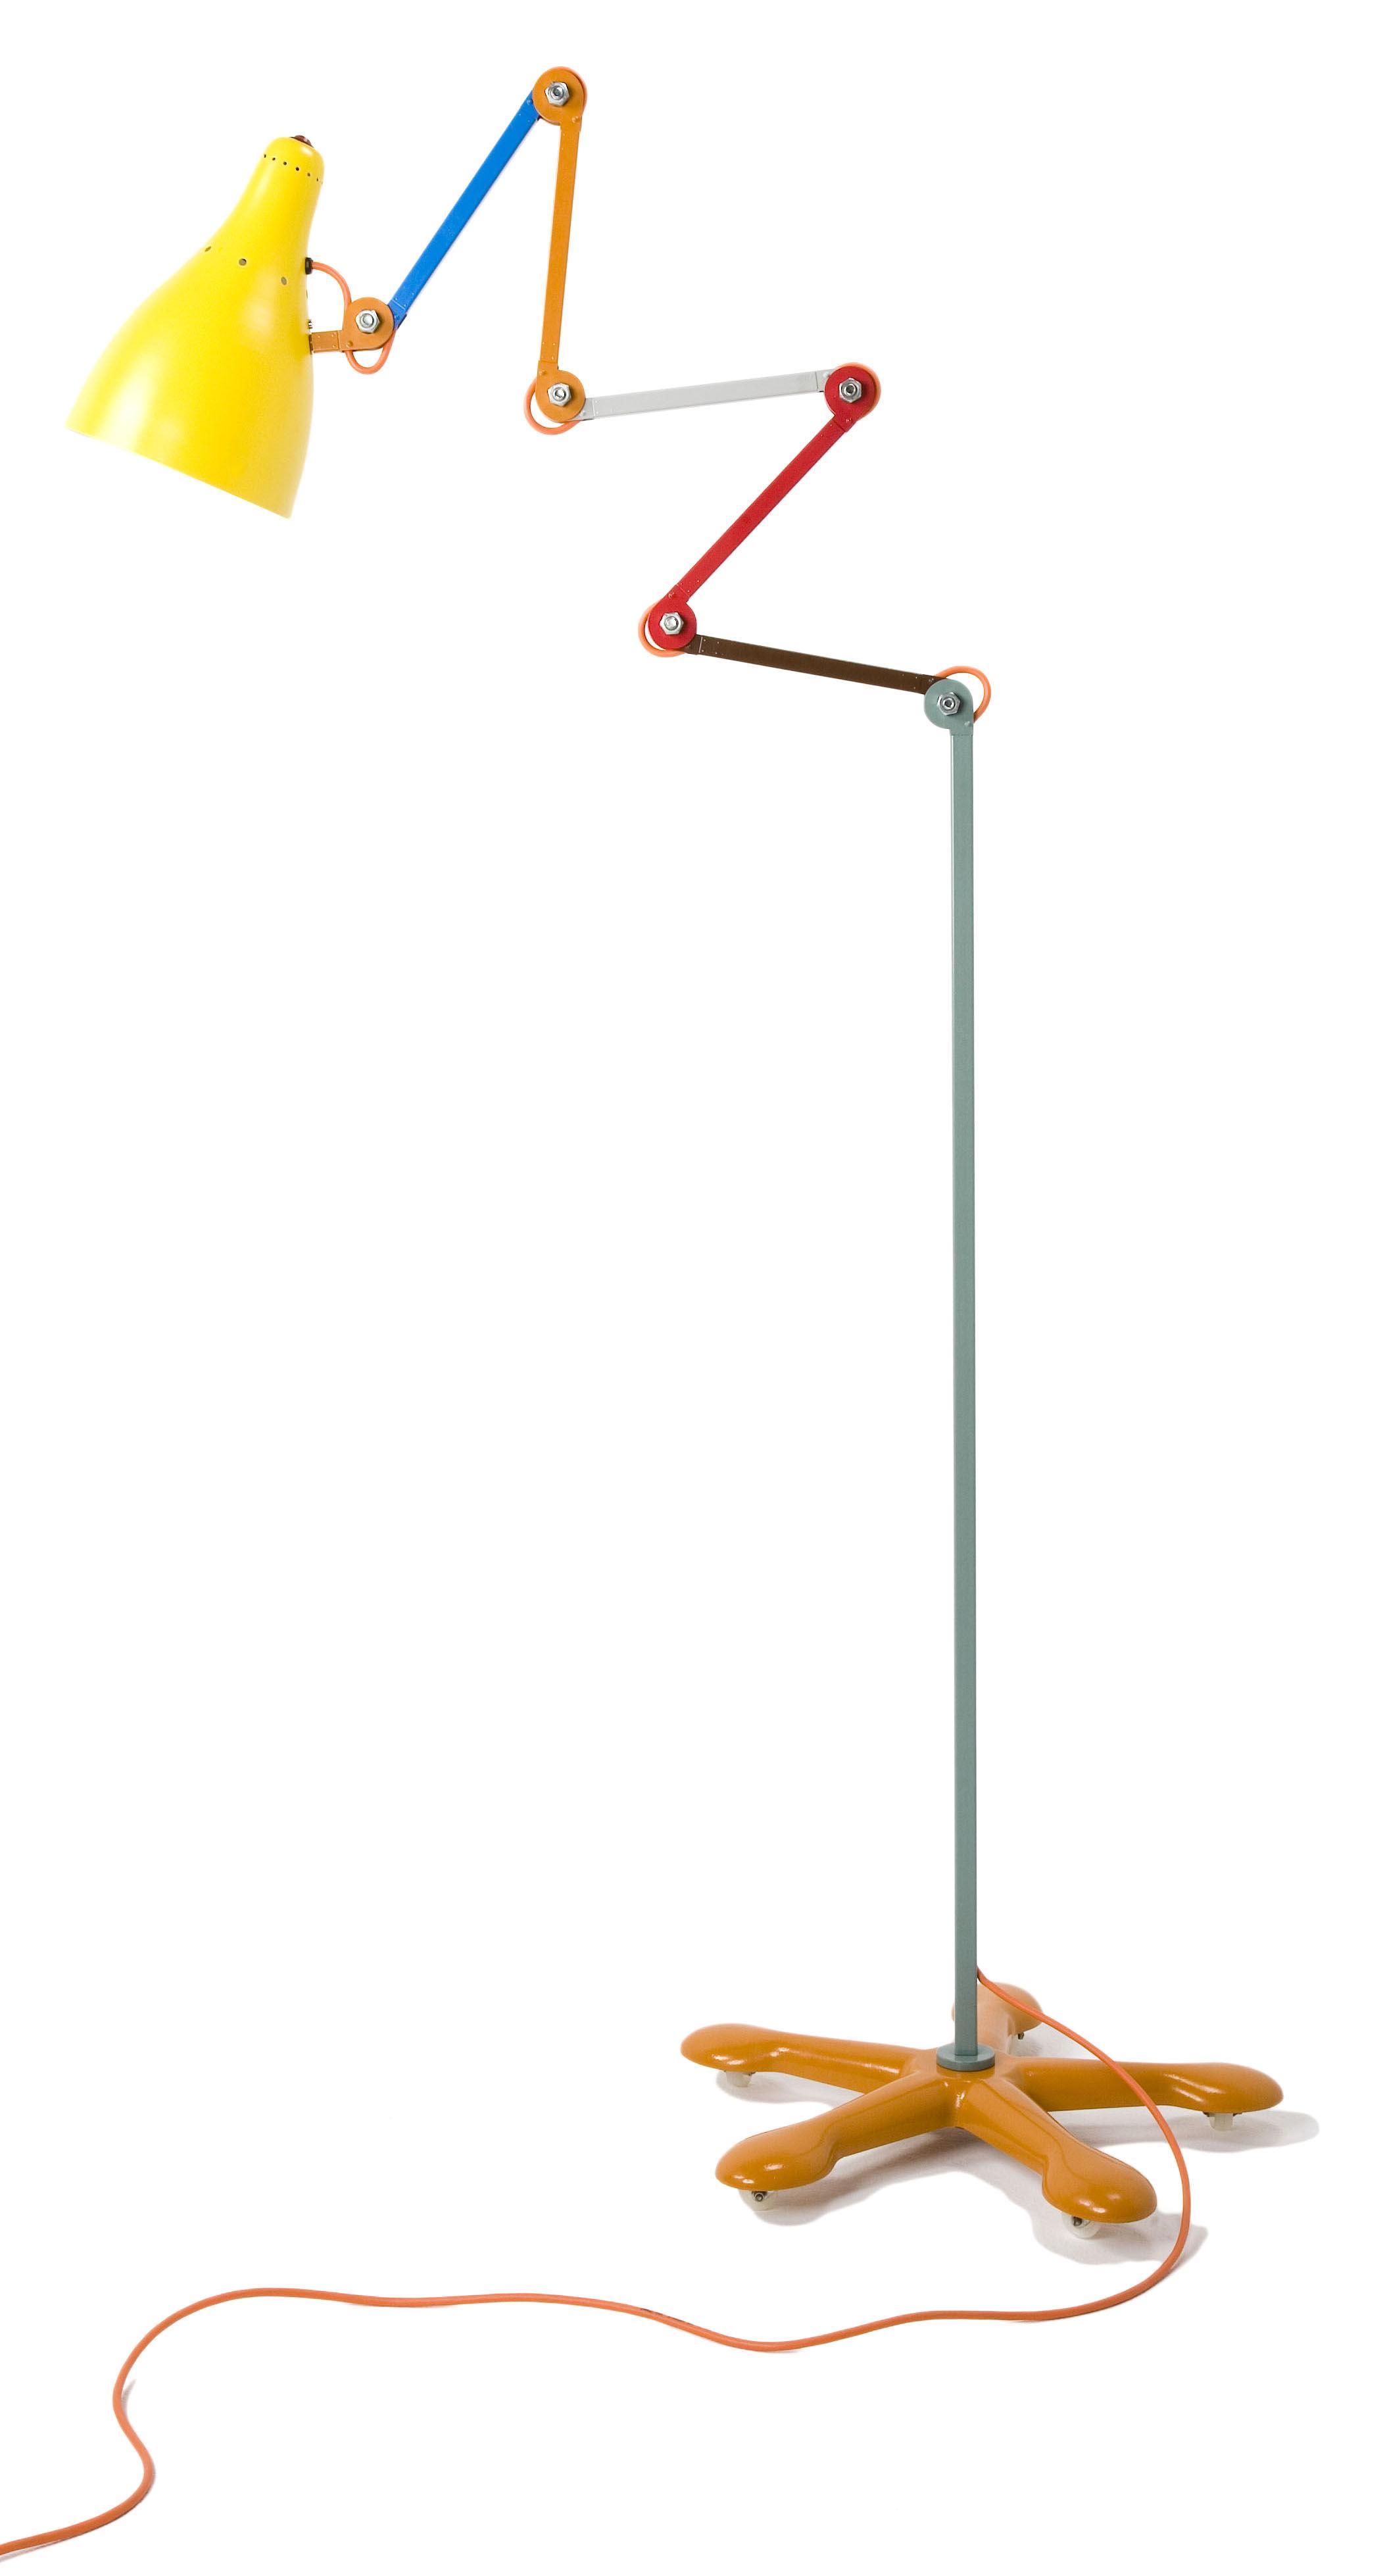 Leuchten - Stehleuchten - Mirobolite Stehleuchte H 120 bis 260 cm - Tsé-Tsé - Mehrfarbig - rostfreier bemalter Stahl